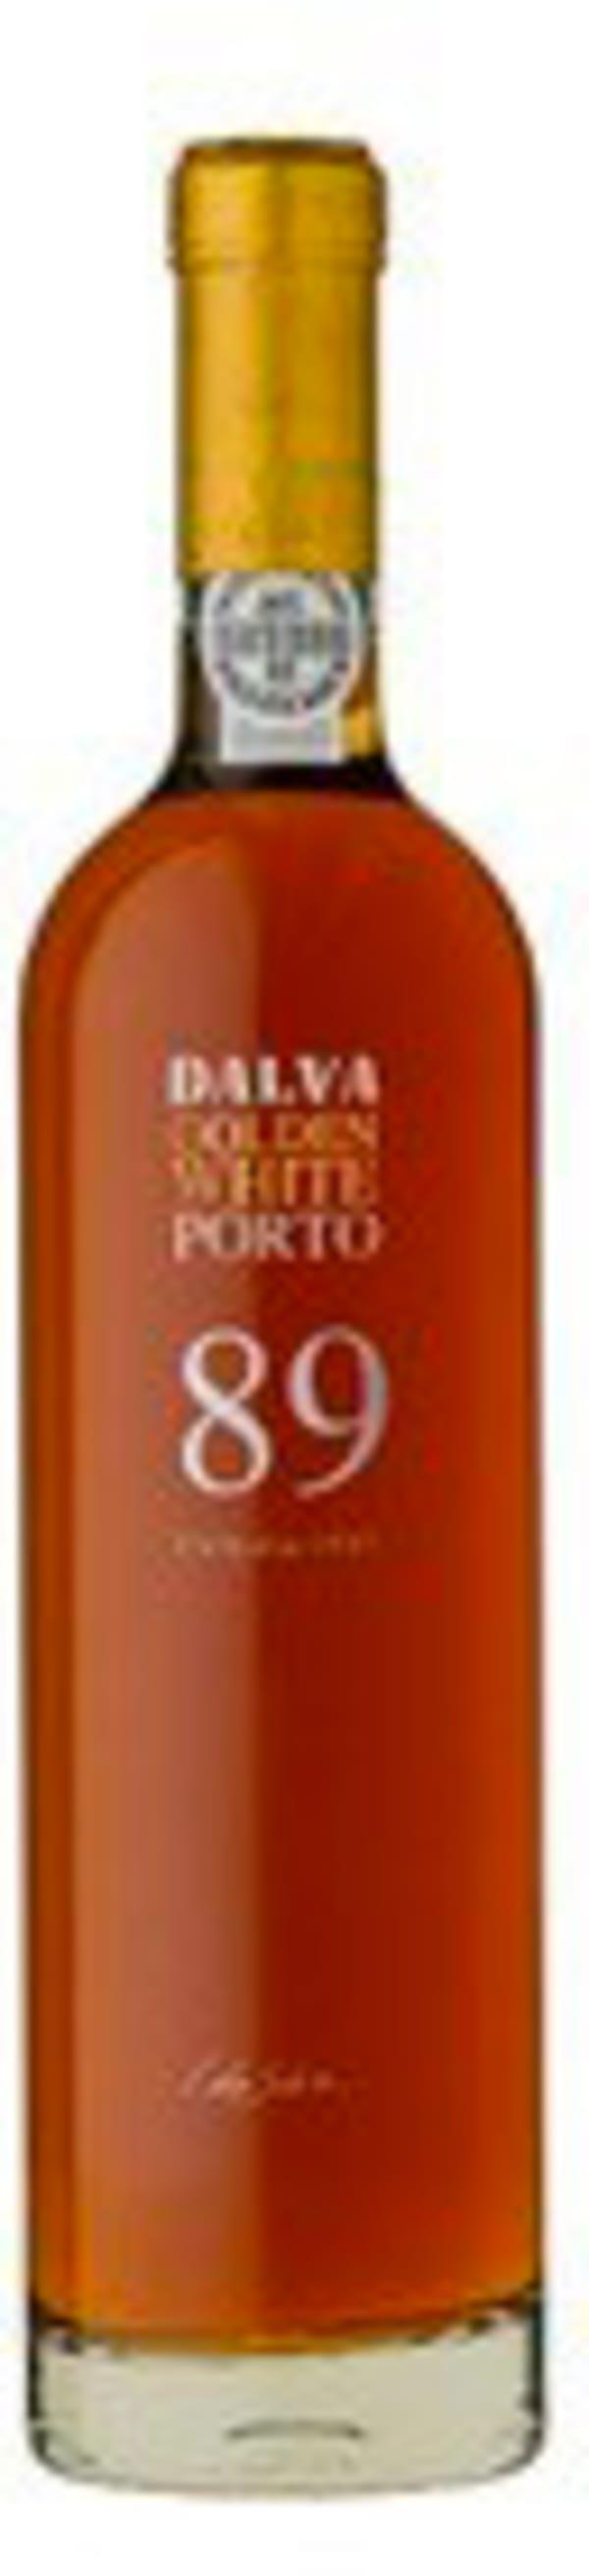 Dalva Colheita Golden White Port 1989